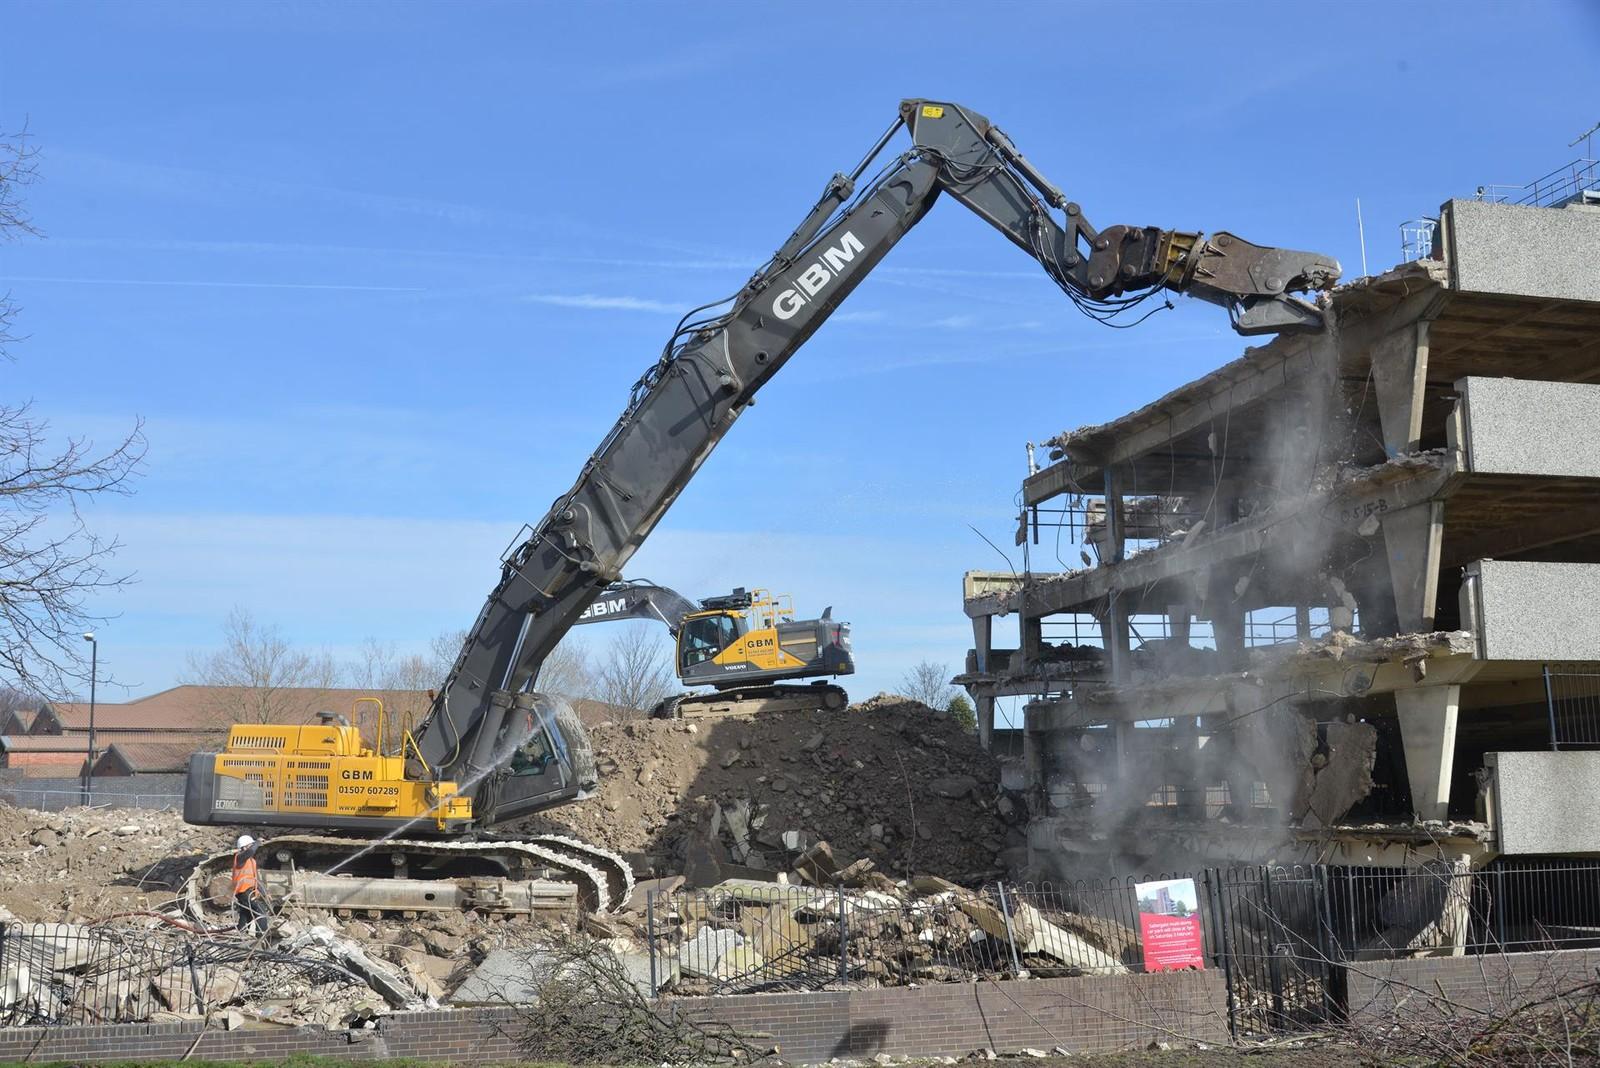 Kocurek Excavators setzt für seine Abrissgeräte die Stahlsorte Strenx 700 von SSAB ein.